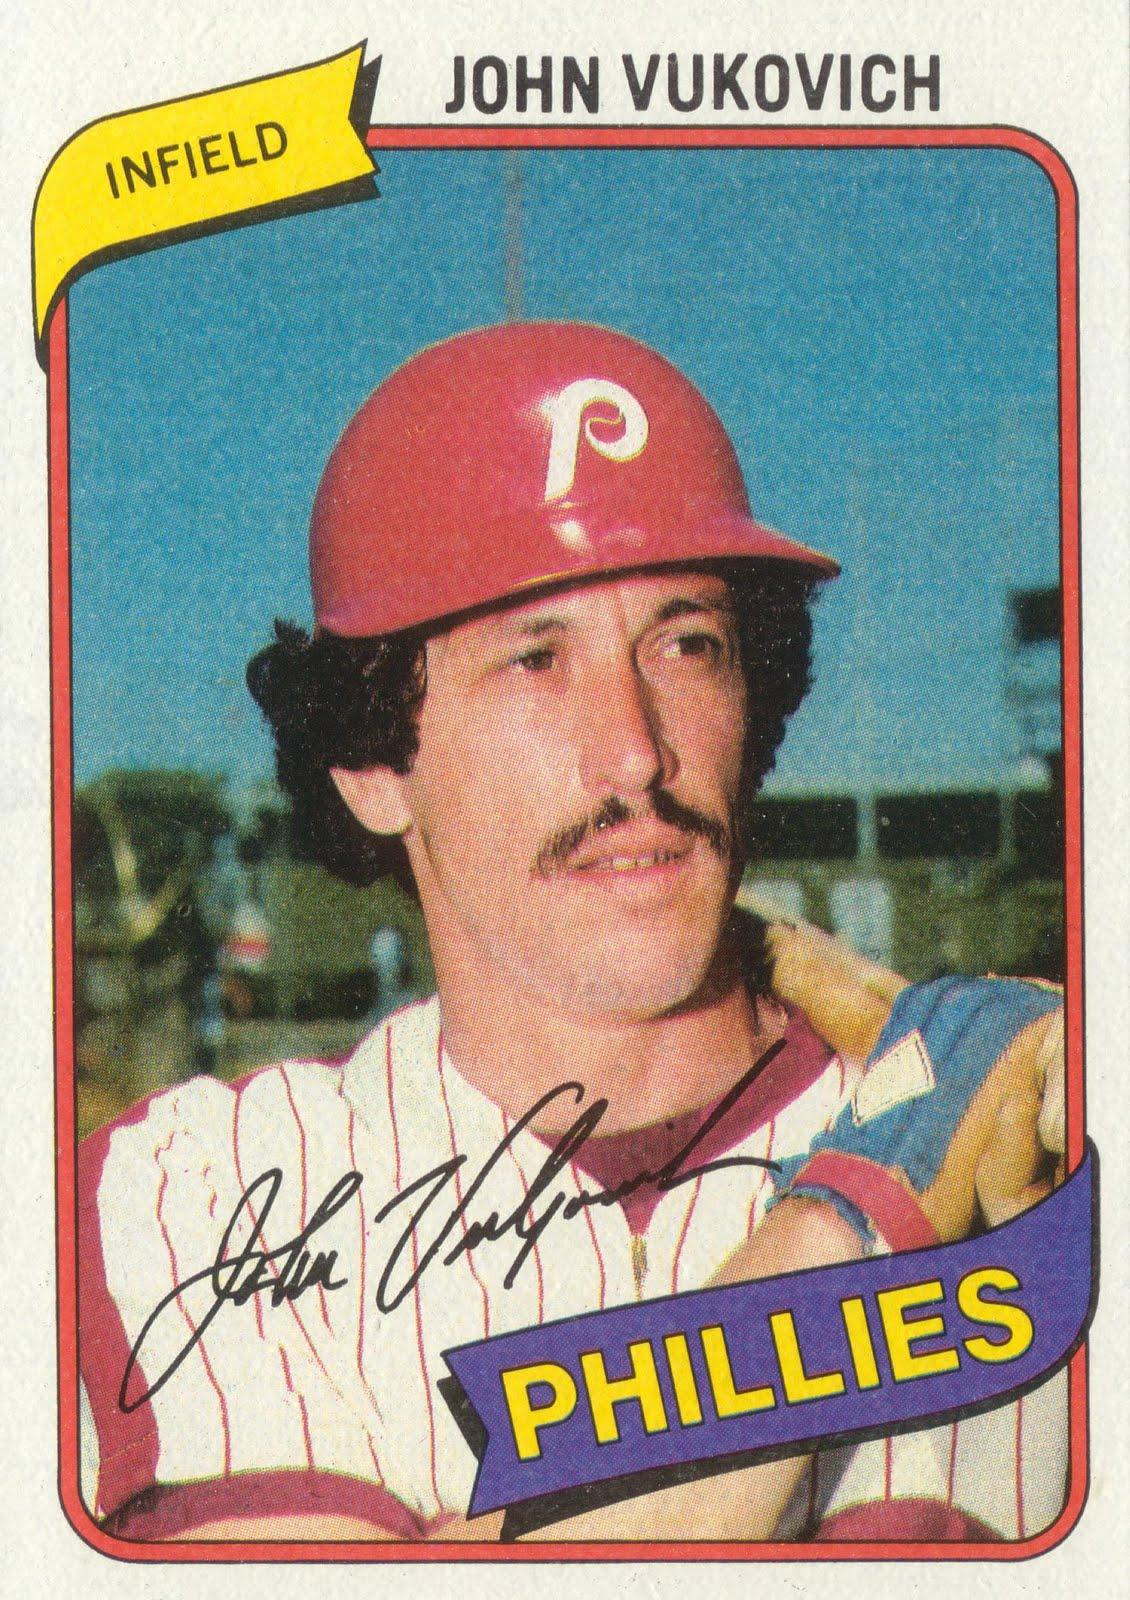 1980 Topps Baseball 1980 Topps Phillies Burger King